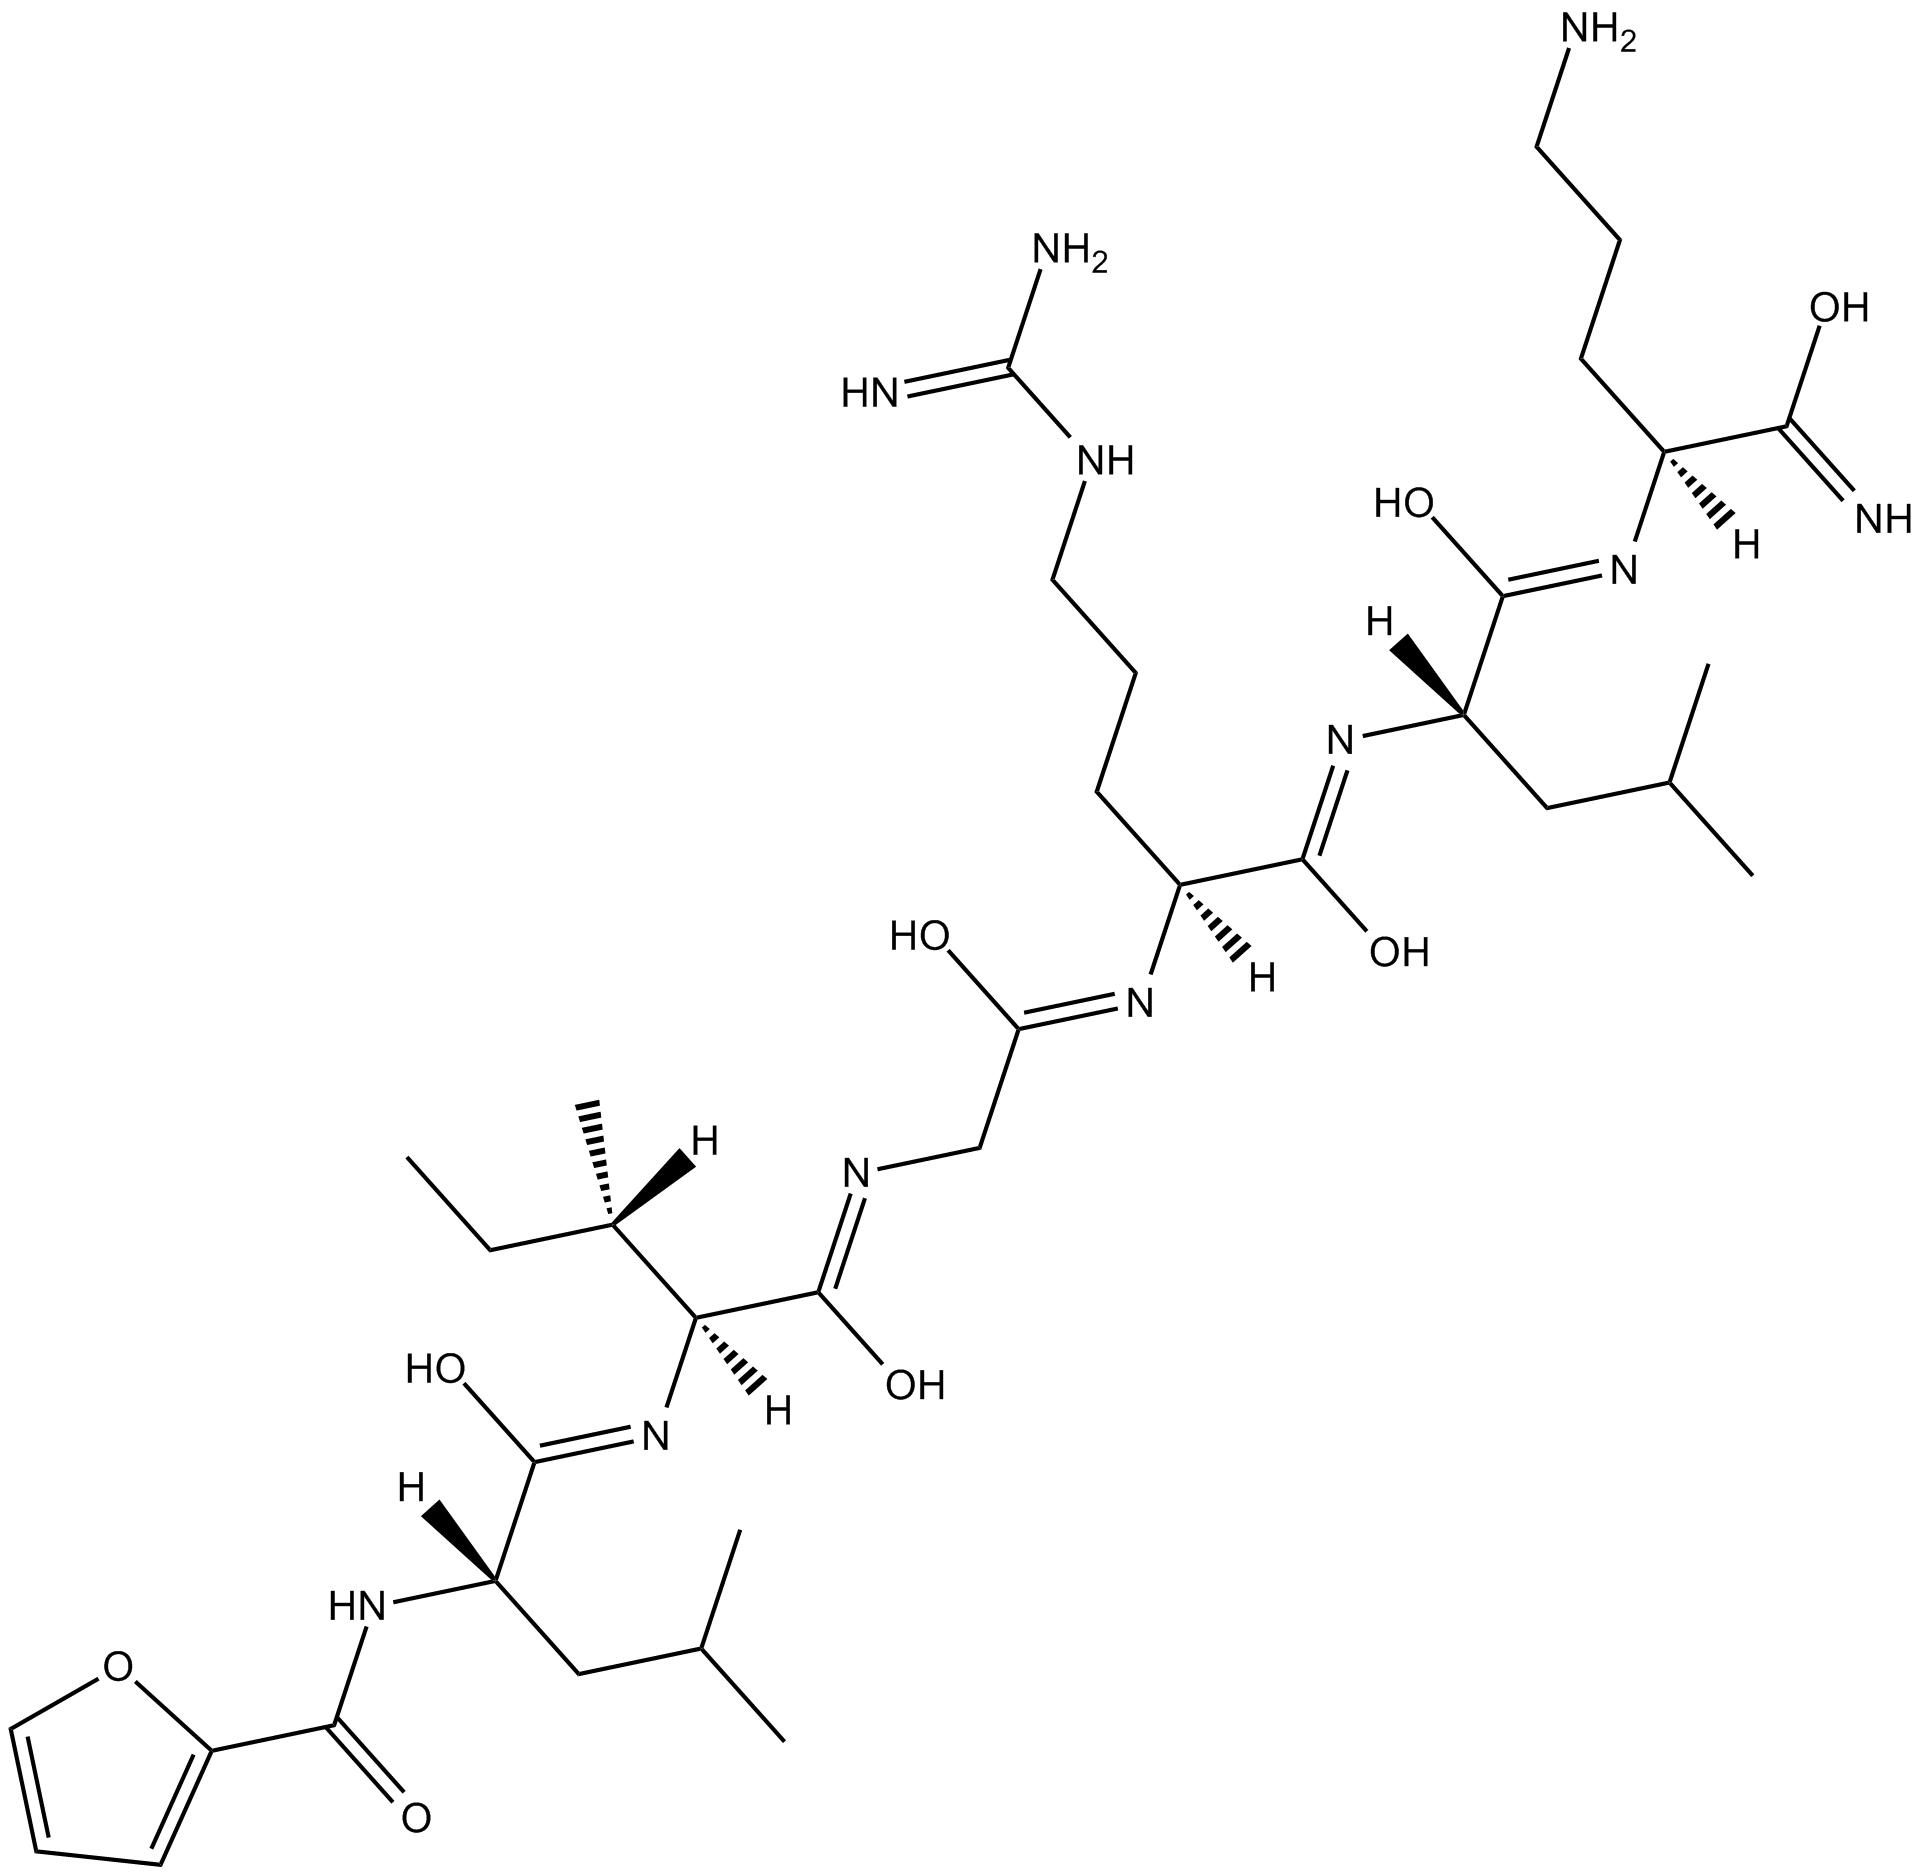 2-Furoyl-LIGRLO-amide